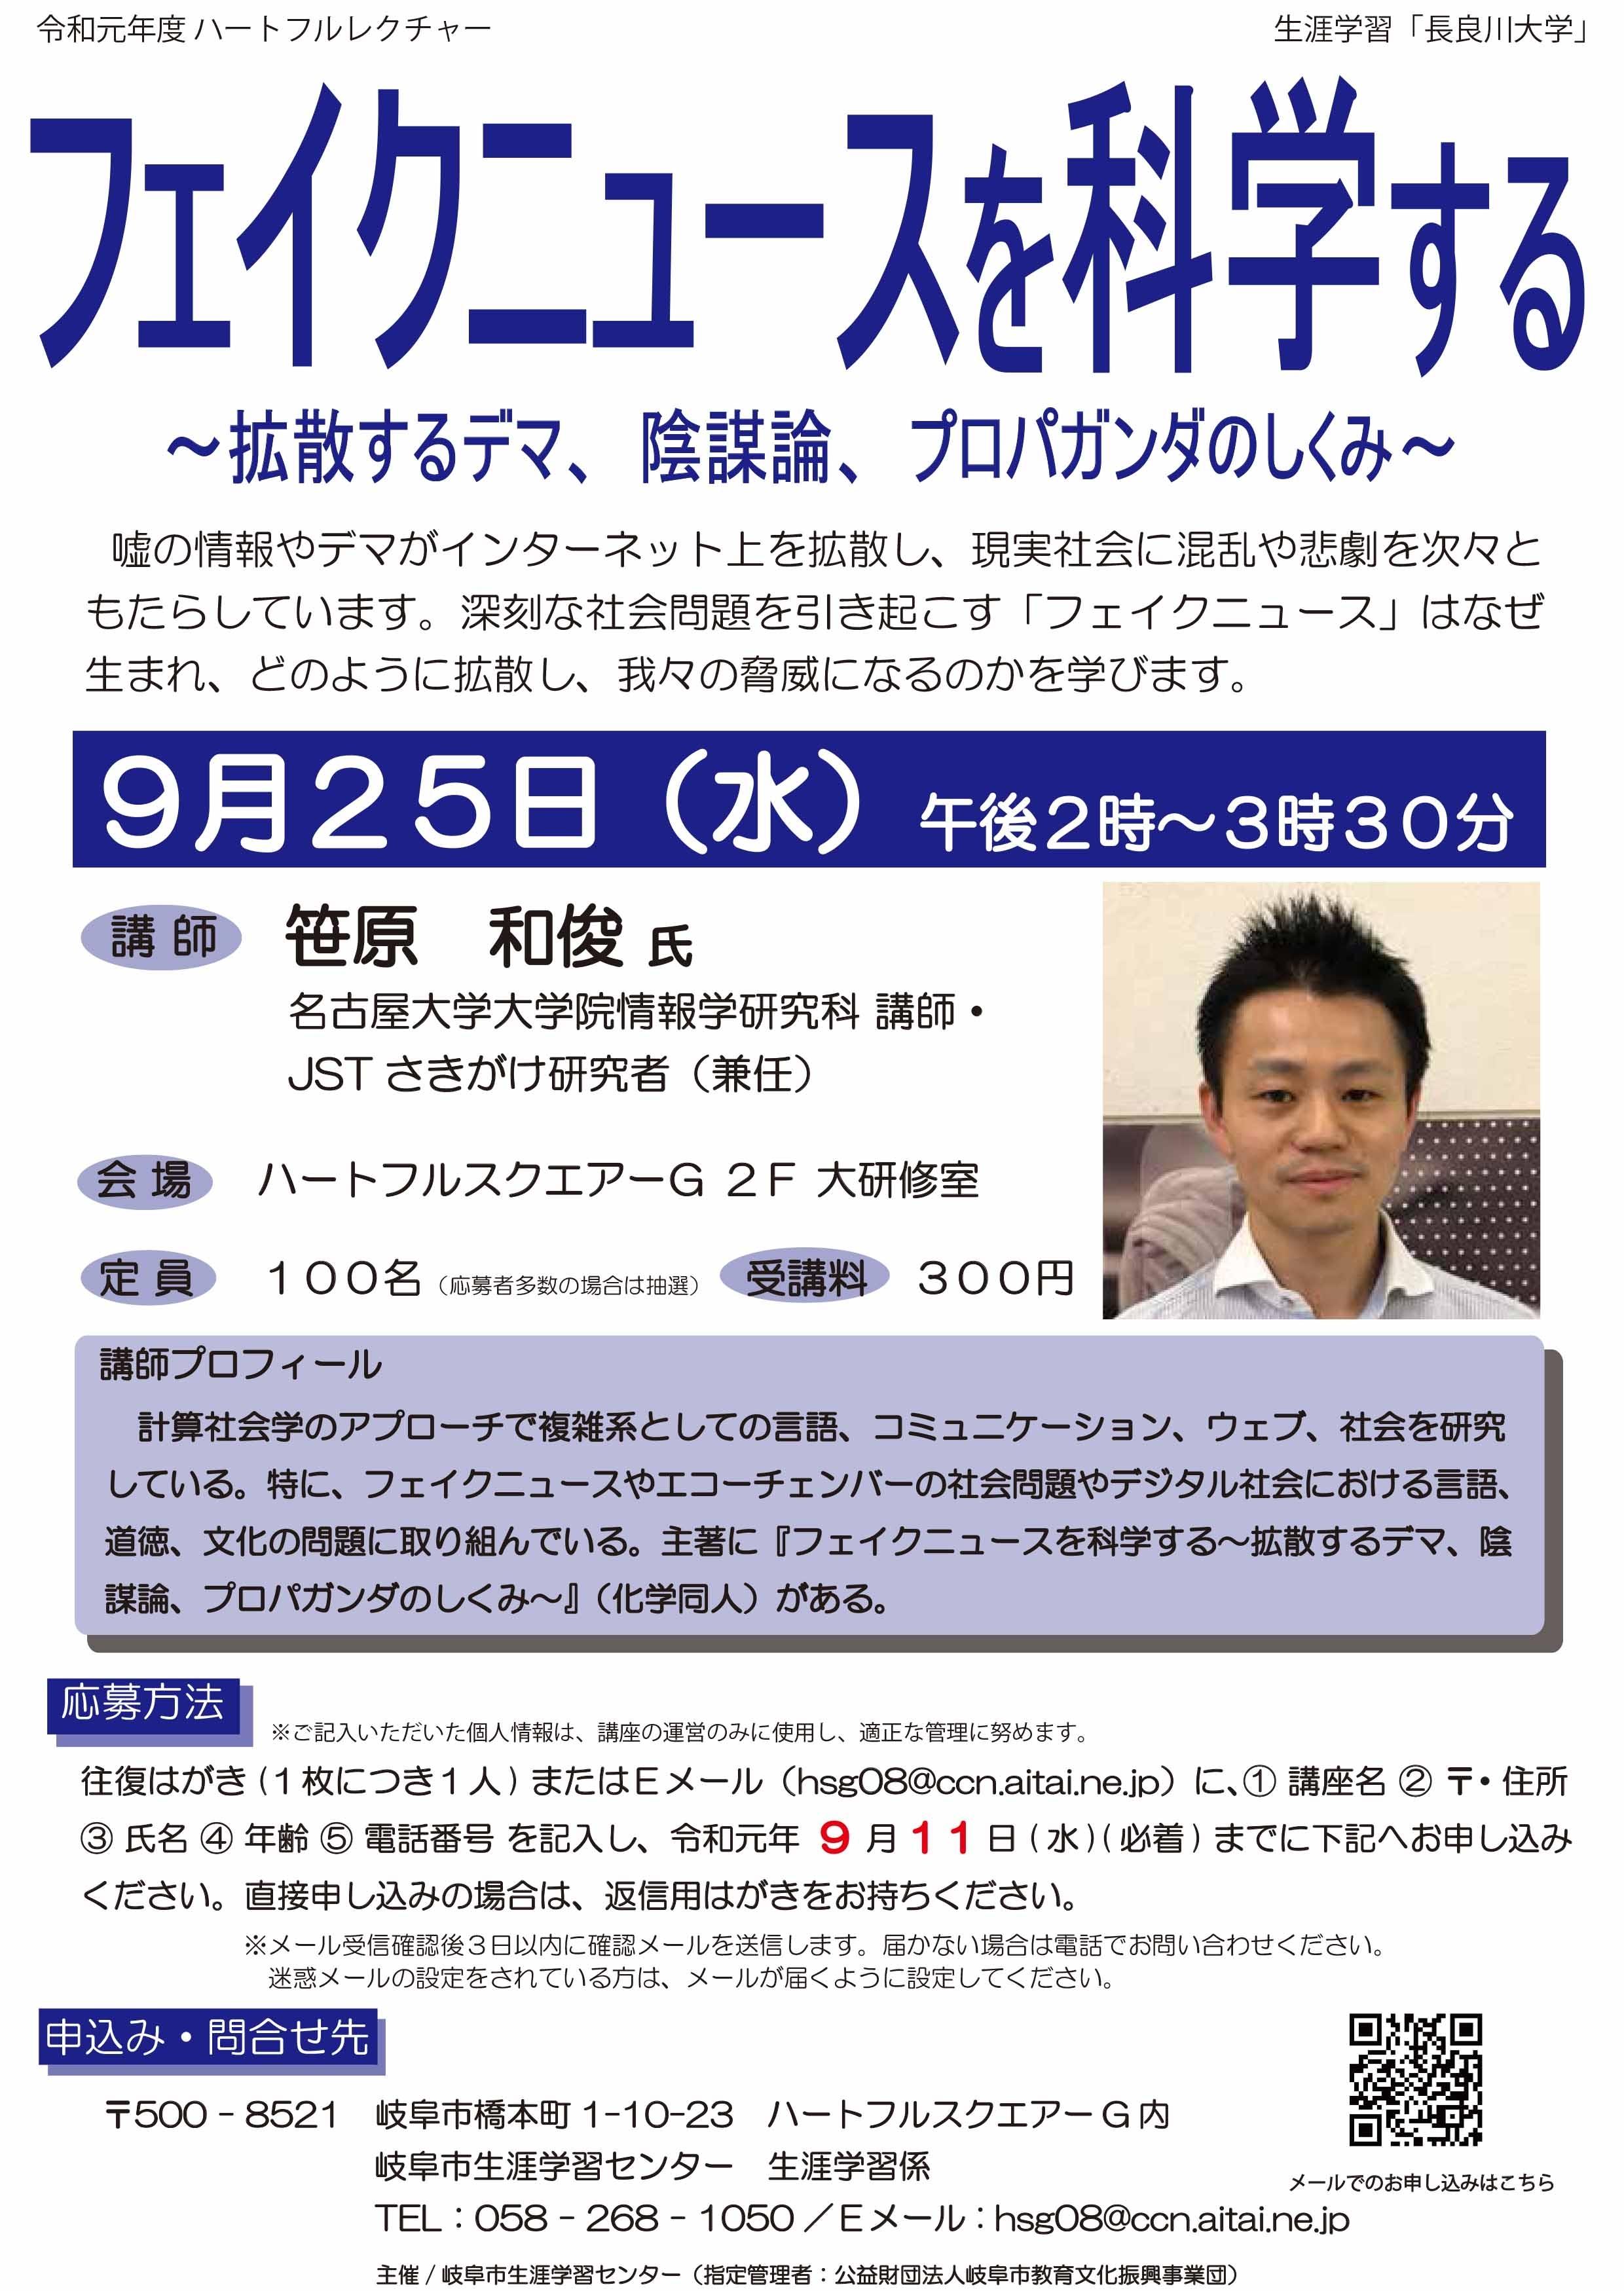 フェイクニュースを科学する(HP用).jpg